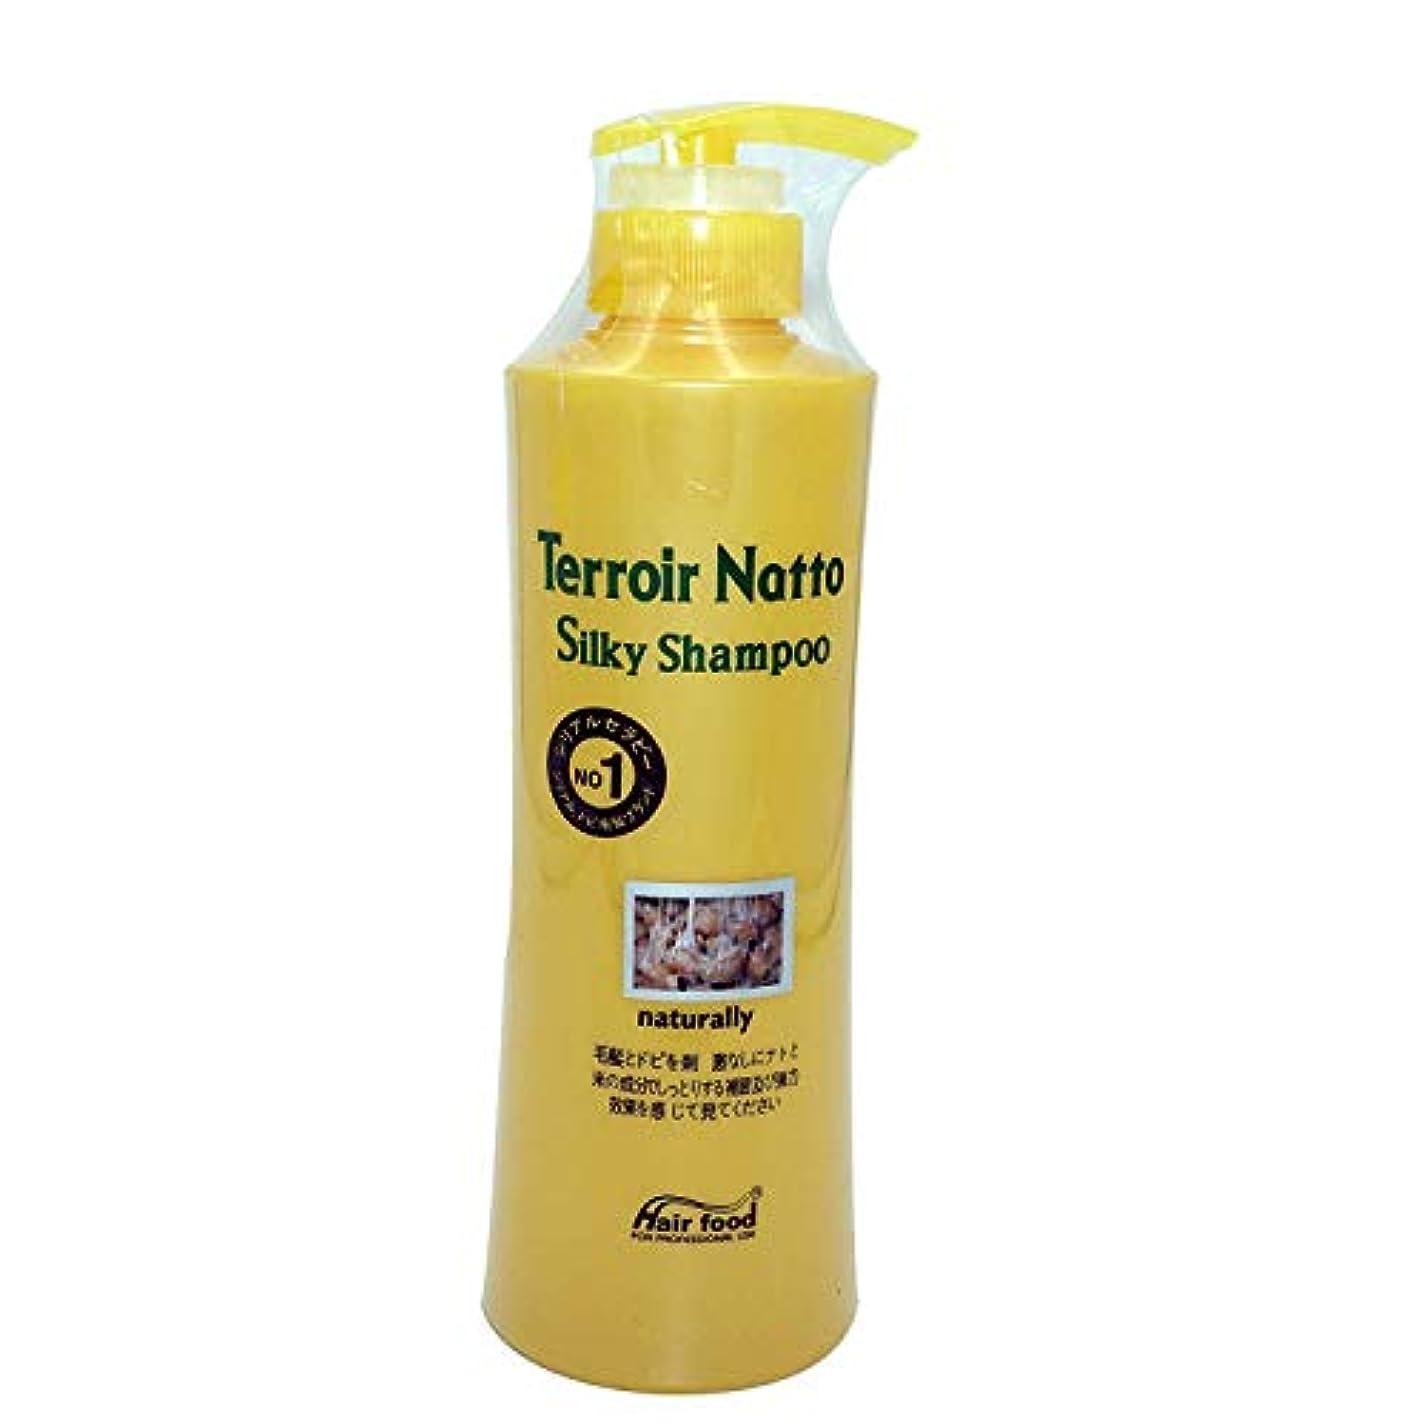 なす銃悲観的Hair food テロワール納豆シルキーシャンプー500ml、乾燥薄毛とセンシティブな頭皮用 - ビタミンタンパクによる弾力ヘア (Terroir Natto Silky Shampoo 500ml for Dry Thin Hair and Sensitive Scalp - Elastic Hair by Vitamin Protein)[並行輸入品]